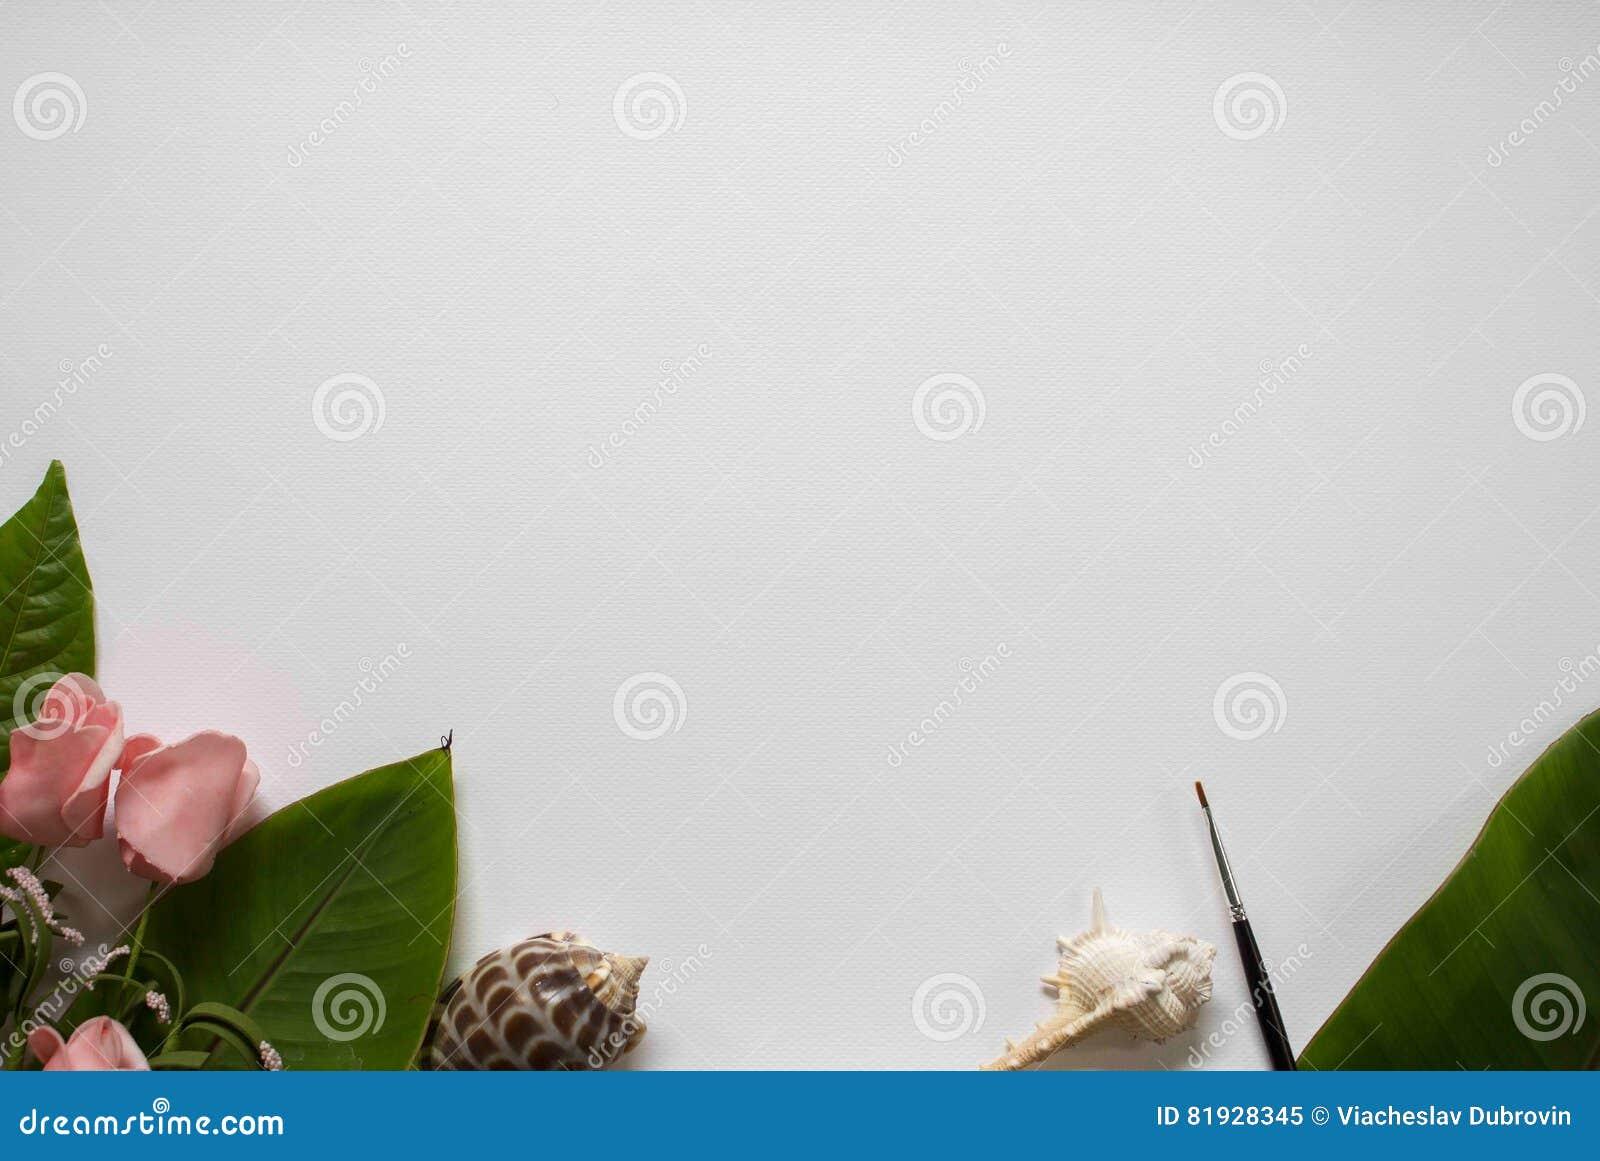 Papel Branco Da Aquarela Com Quadro Da Flor Molde Chique Gasto Com